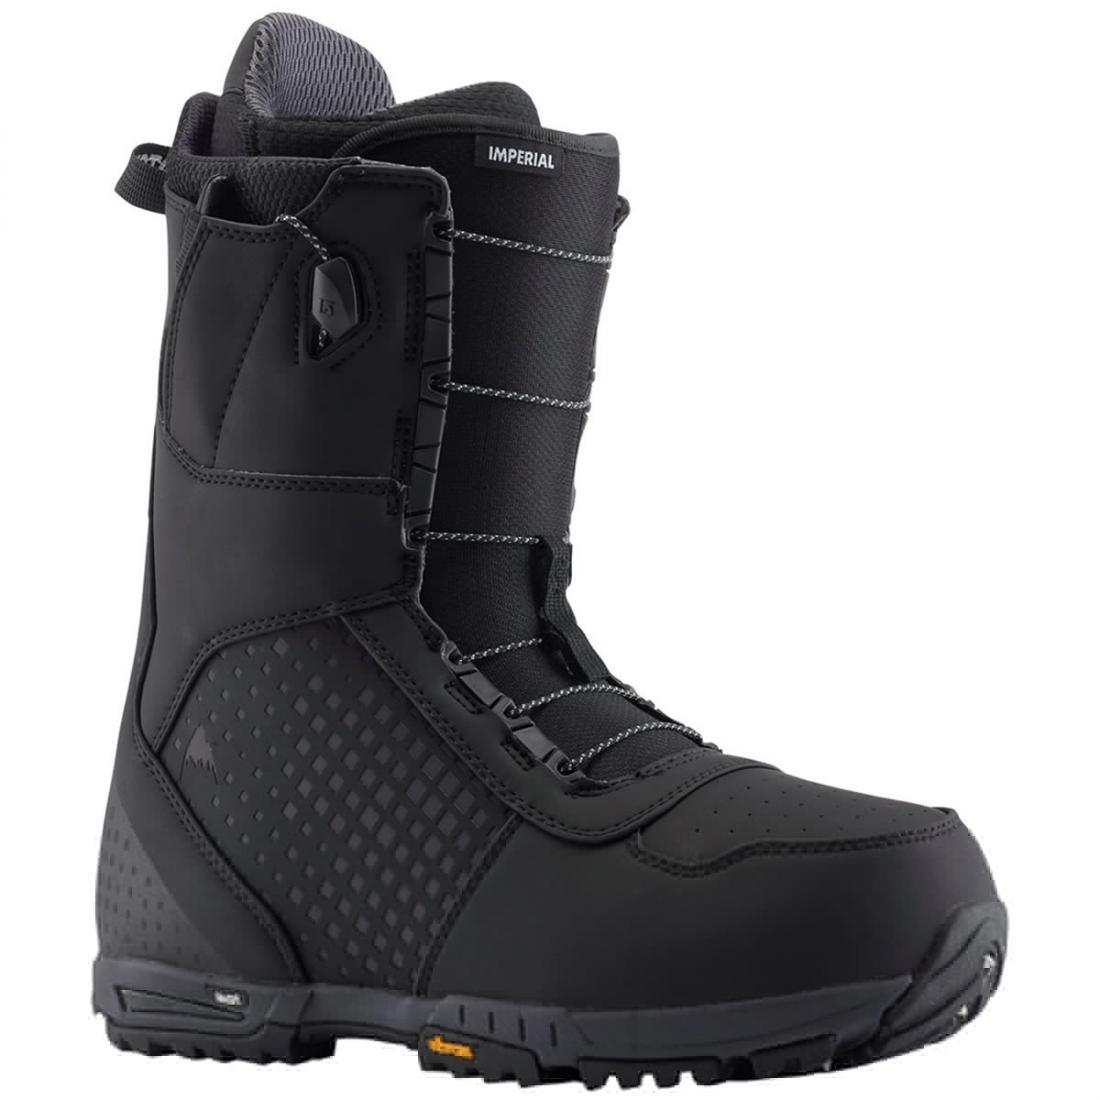 Ботинки сноубордические IMPERIAL мужские фото